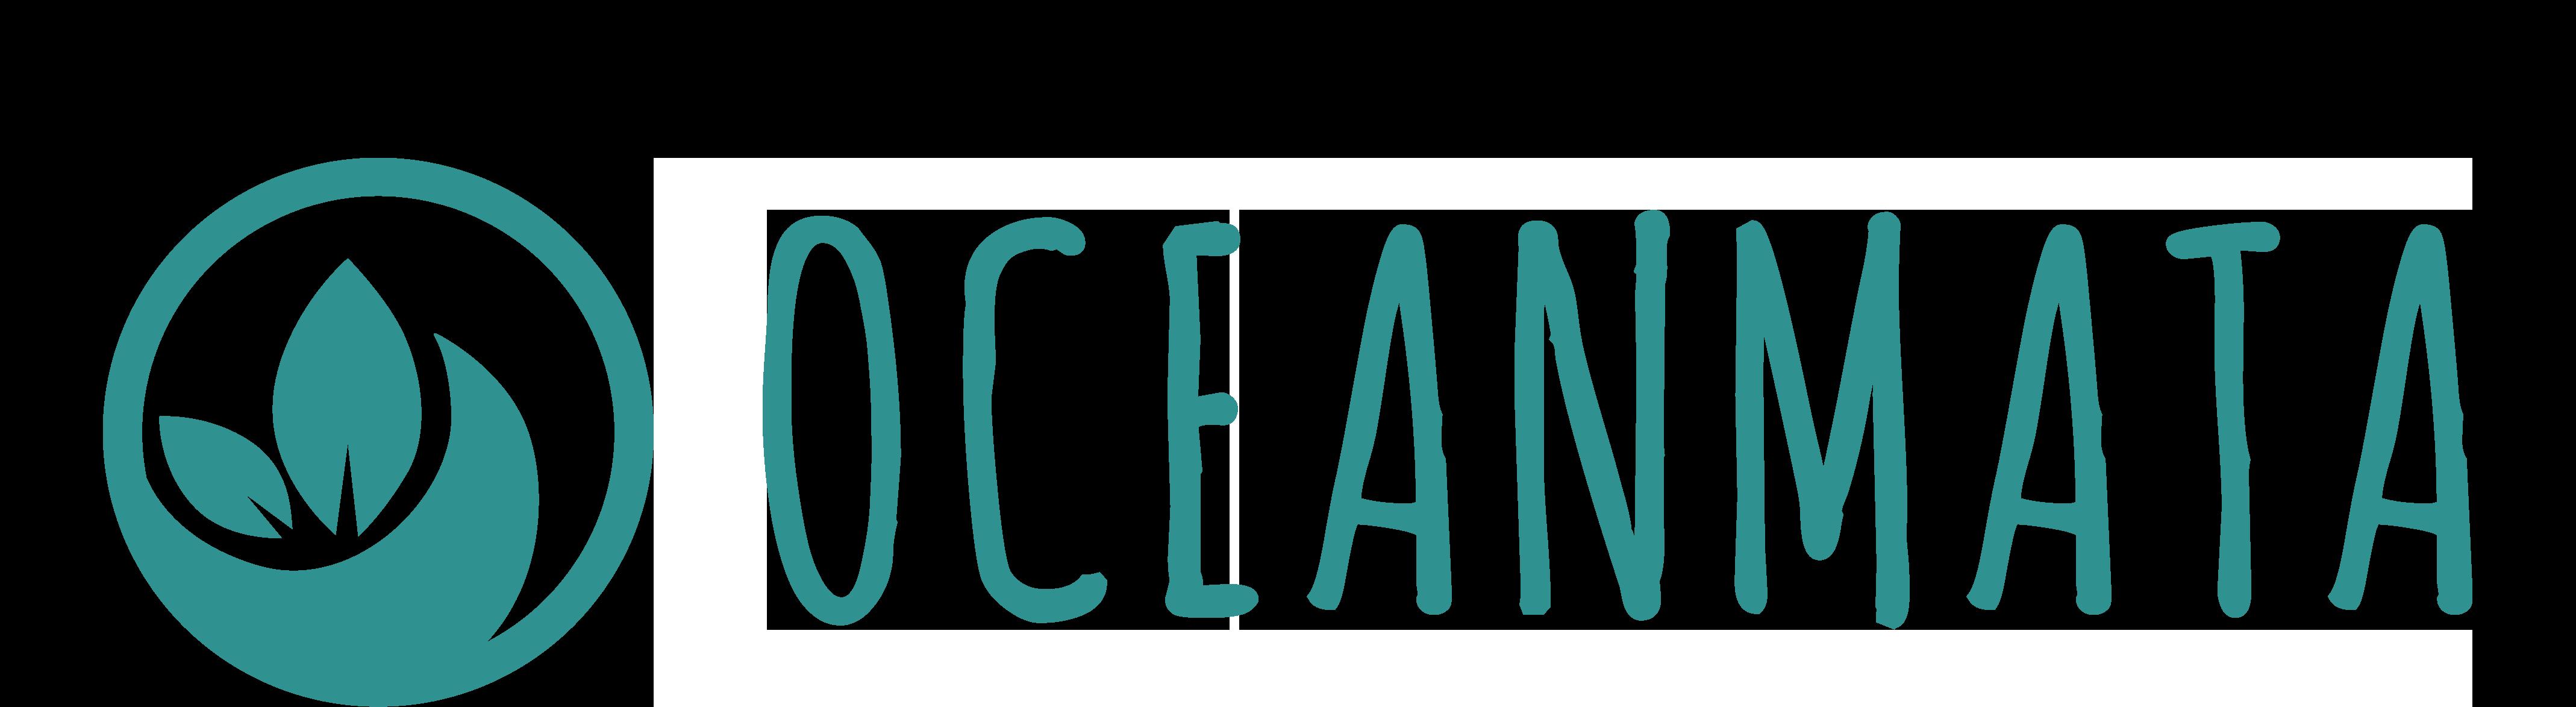 Oceanmata